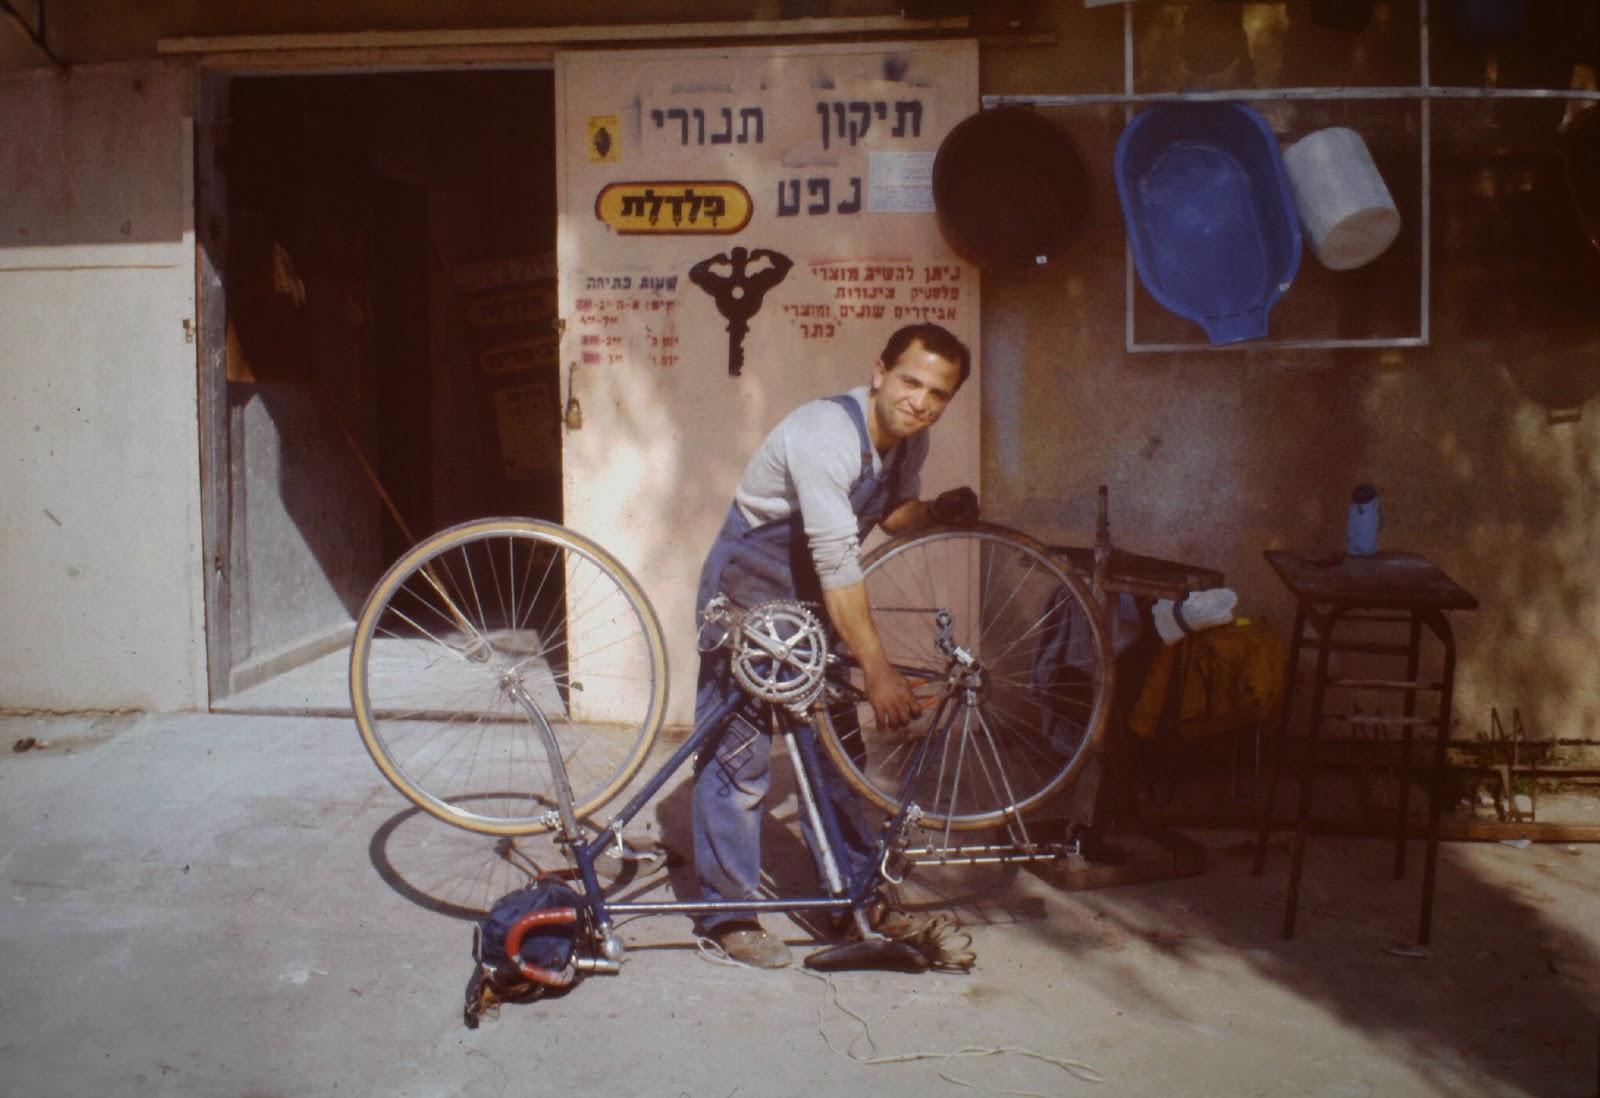 Allzweckmechaniker in Israel beim Reparieren eines Fahrrads.